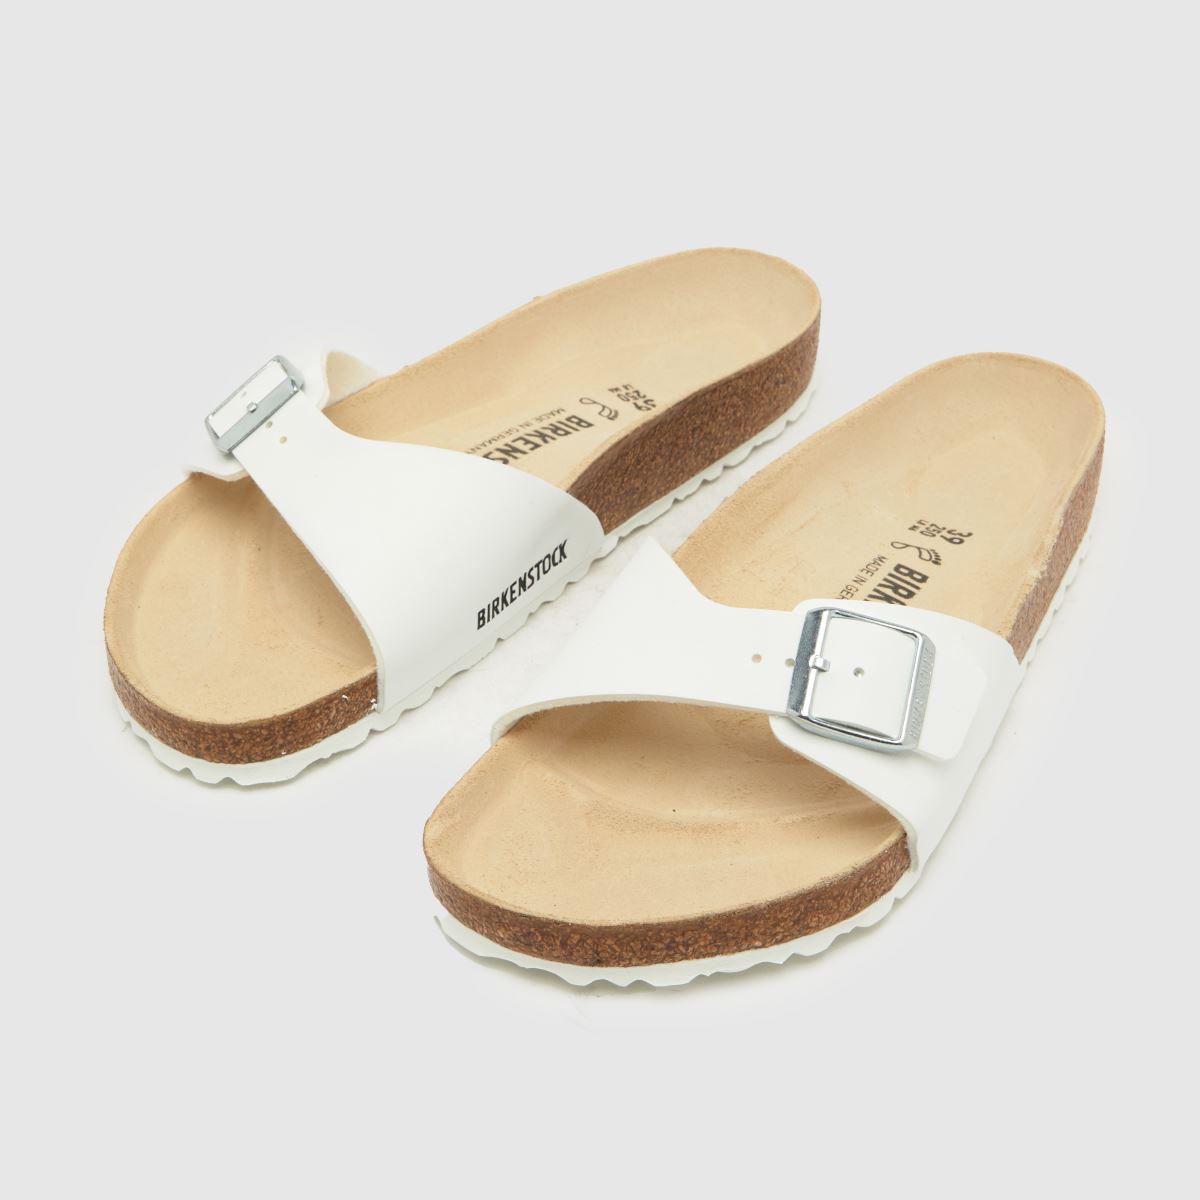 Damen Weiß birkenstock Qualität Madrid Sandalen | schuh Gute Qualität birkenstock beliebte Schuhe 741a92